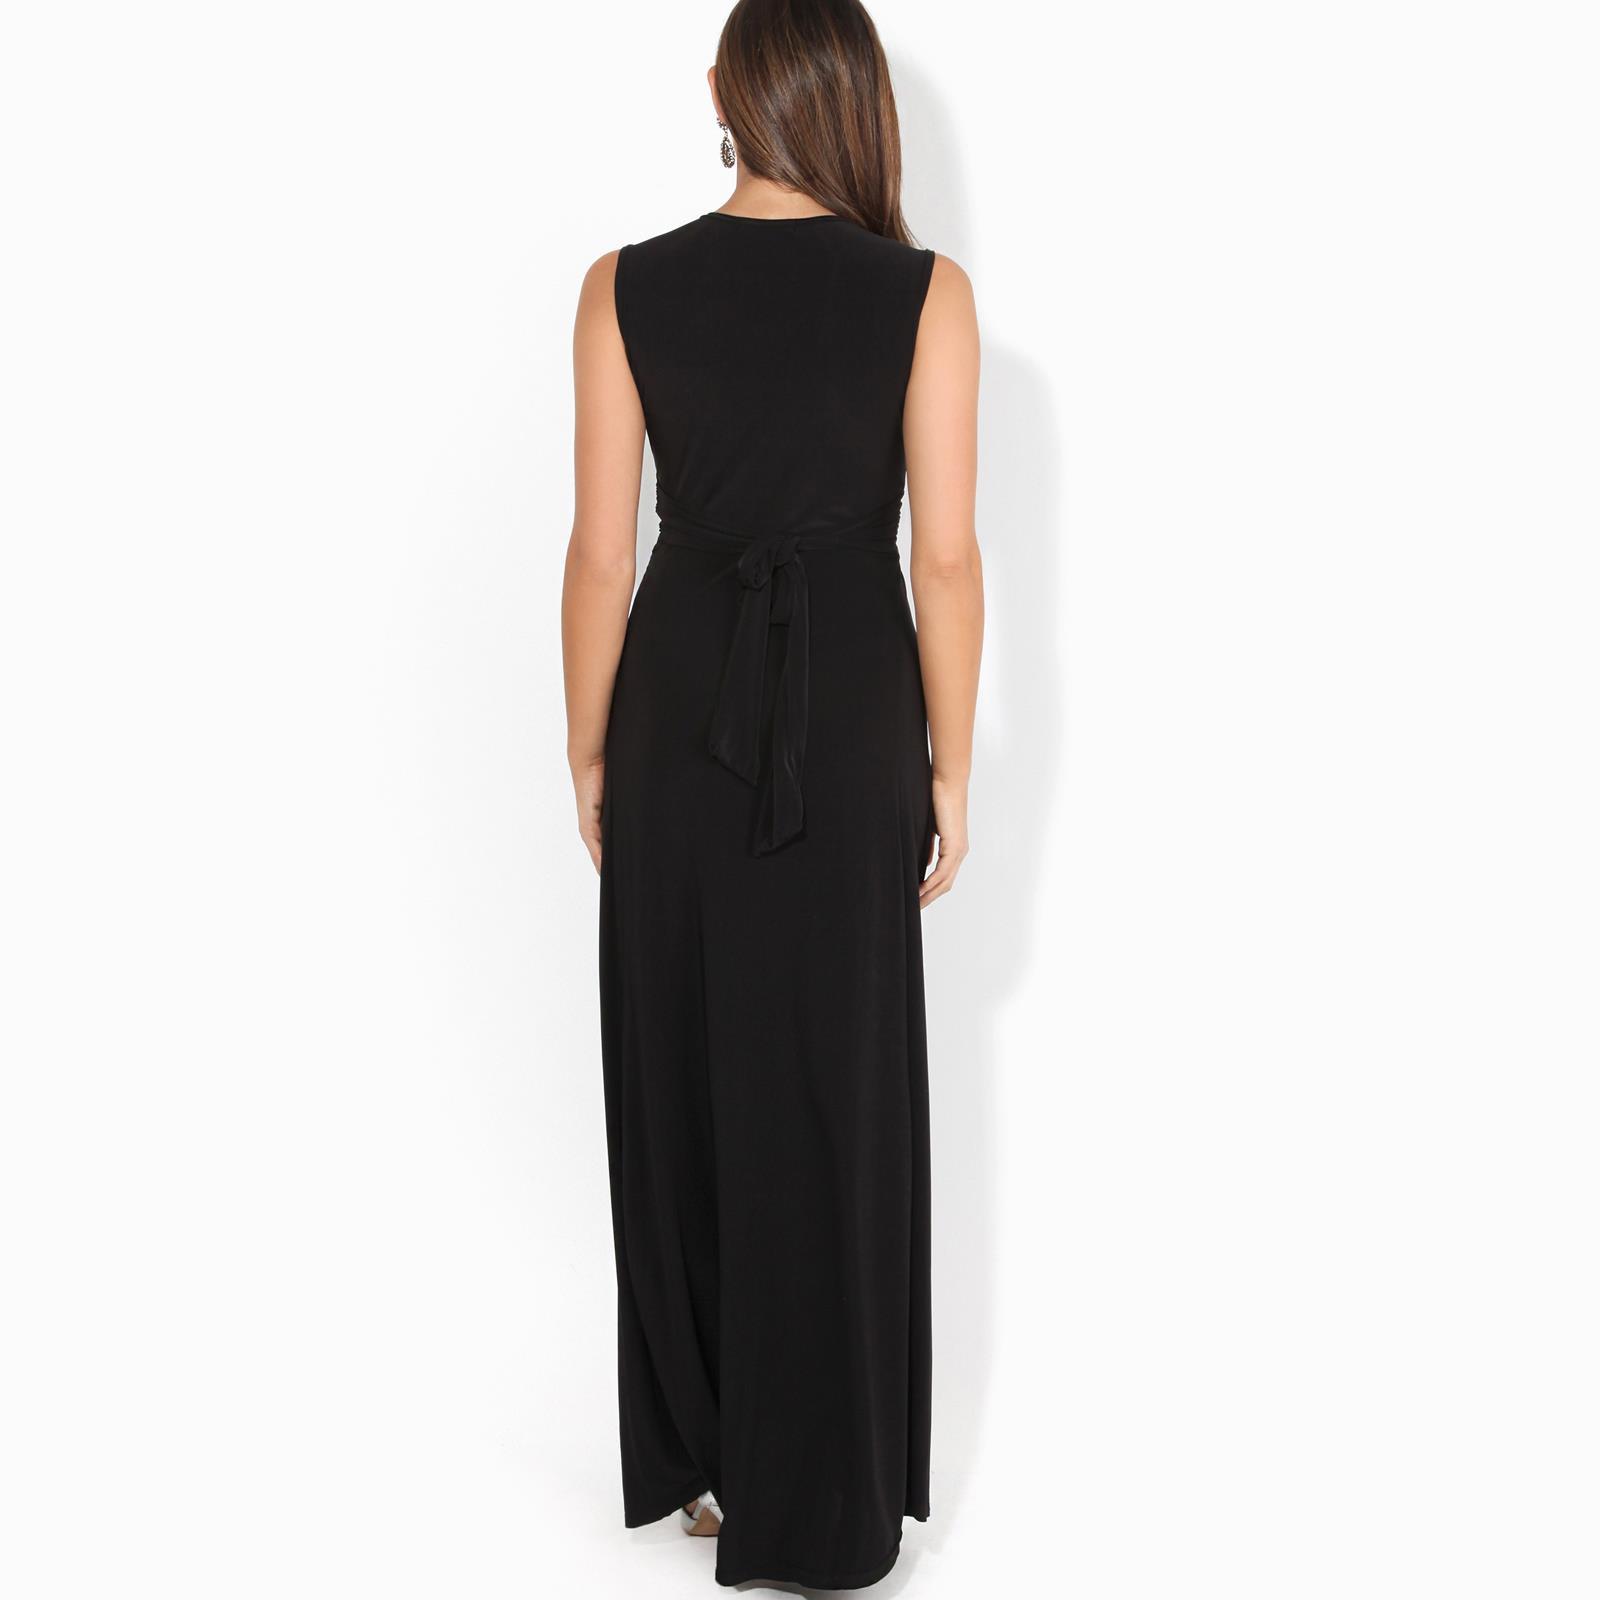 Womens-Ladies-Boho-Long-Maxi-Dress-Knot-V-Neck-Sleeveless-Pleated-Summer-Party thumbnail 4